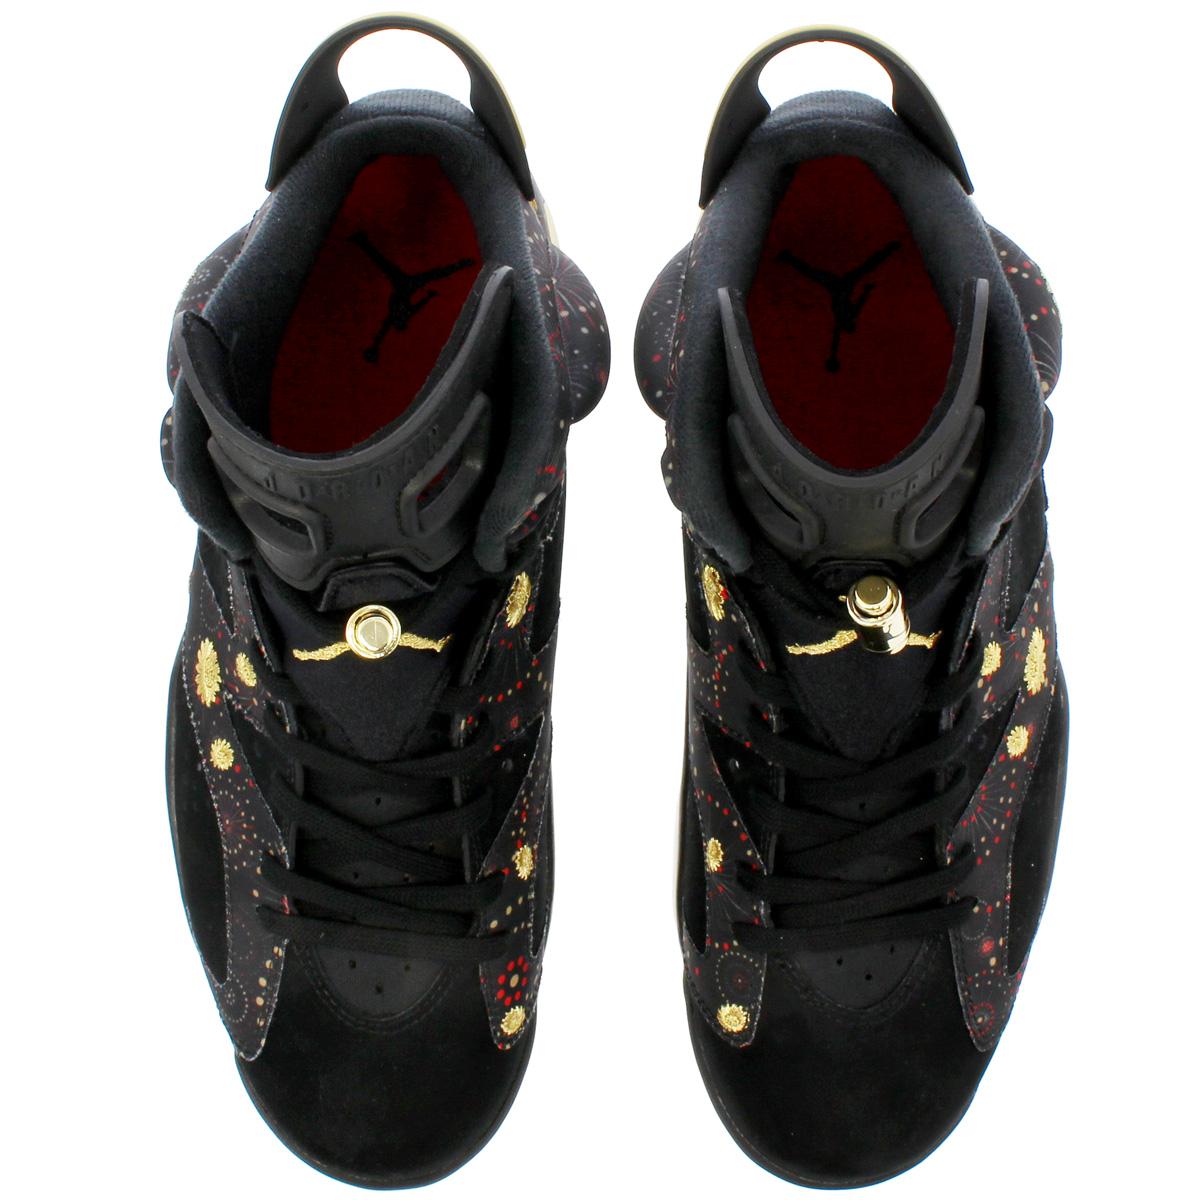 8e22e0c3357 ... NIKE AIR JORDAN 6 RETRO CNY Nike Air Jordan 6 nostalgic CNY BLACK/MULTI  COLOR ...